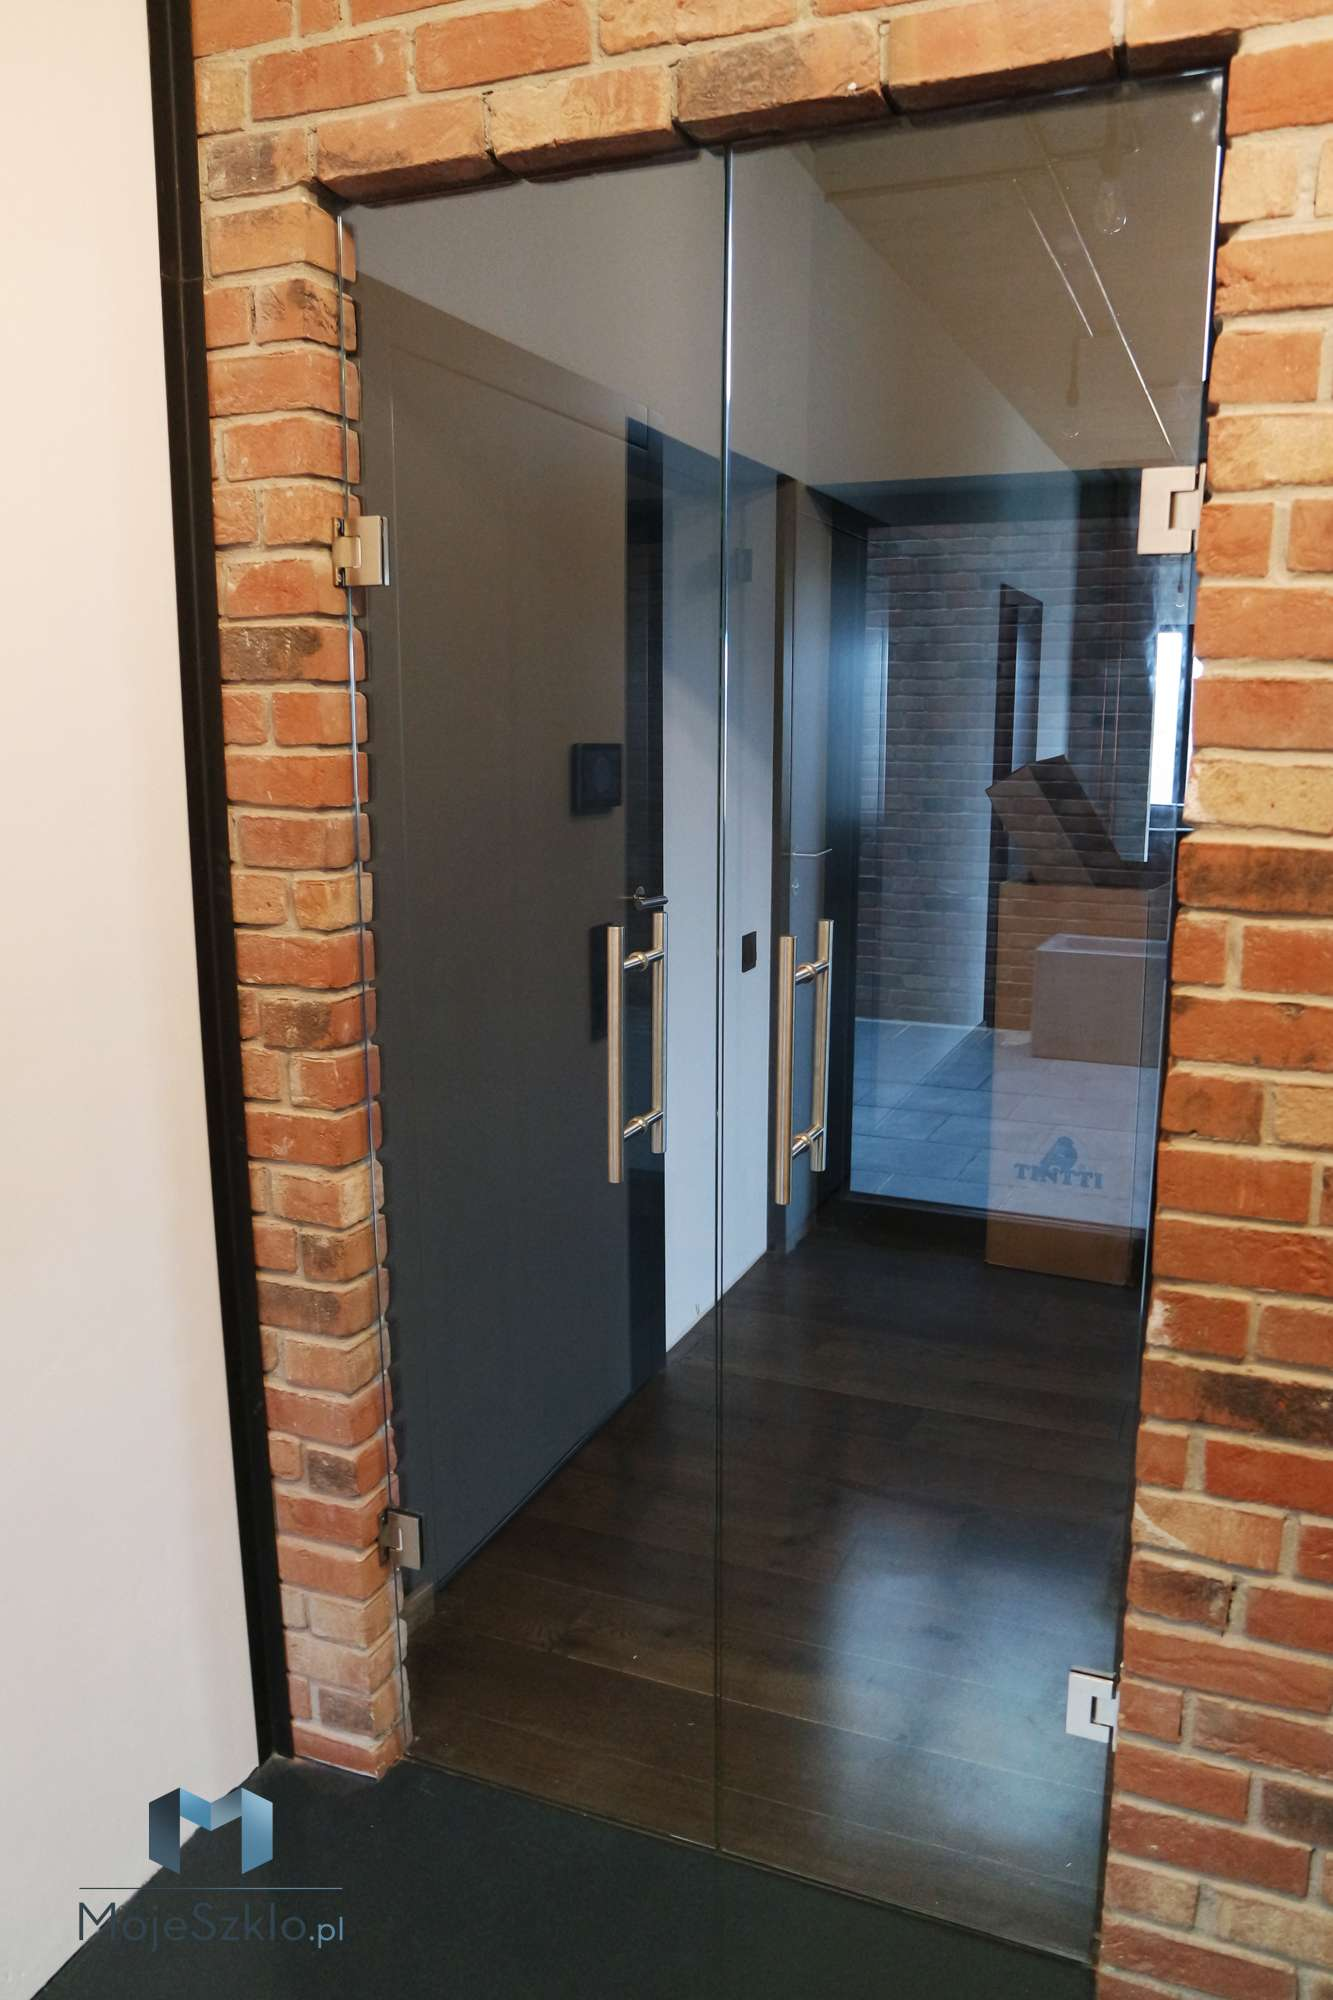 Drzwi Szklane Dwuskrzydlowe Wieliczka - Drzwi szklane dwuskrzydłowe na wymiar